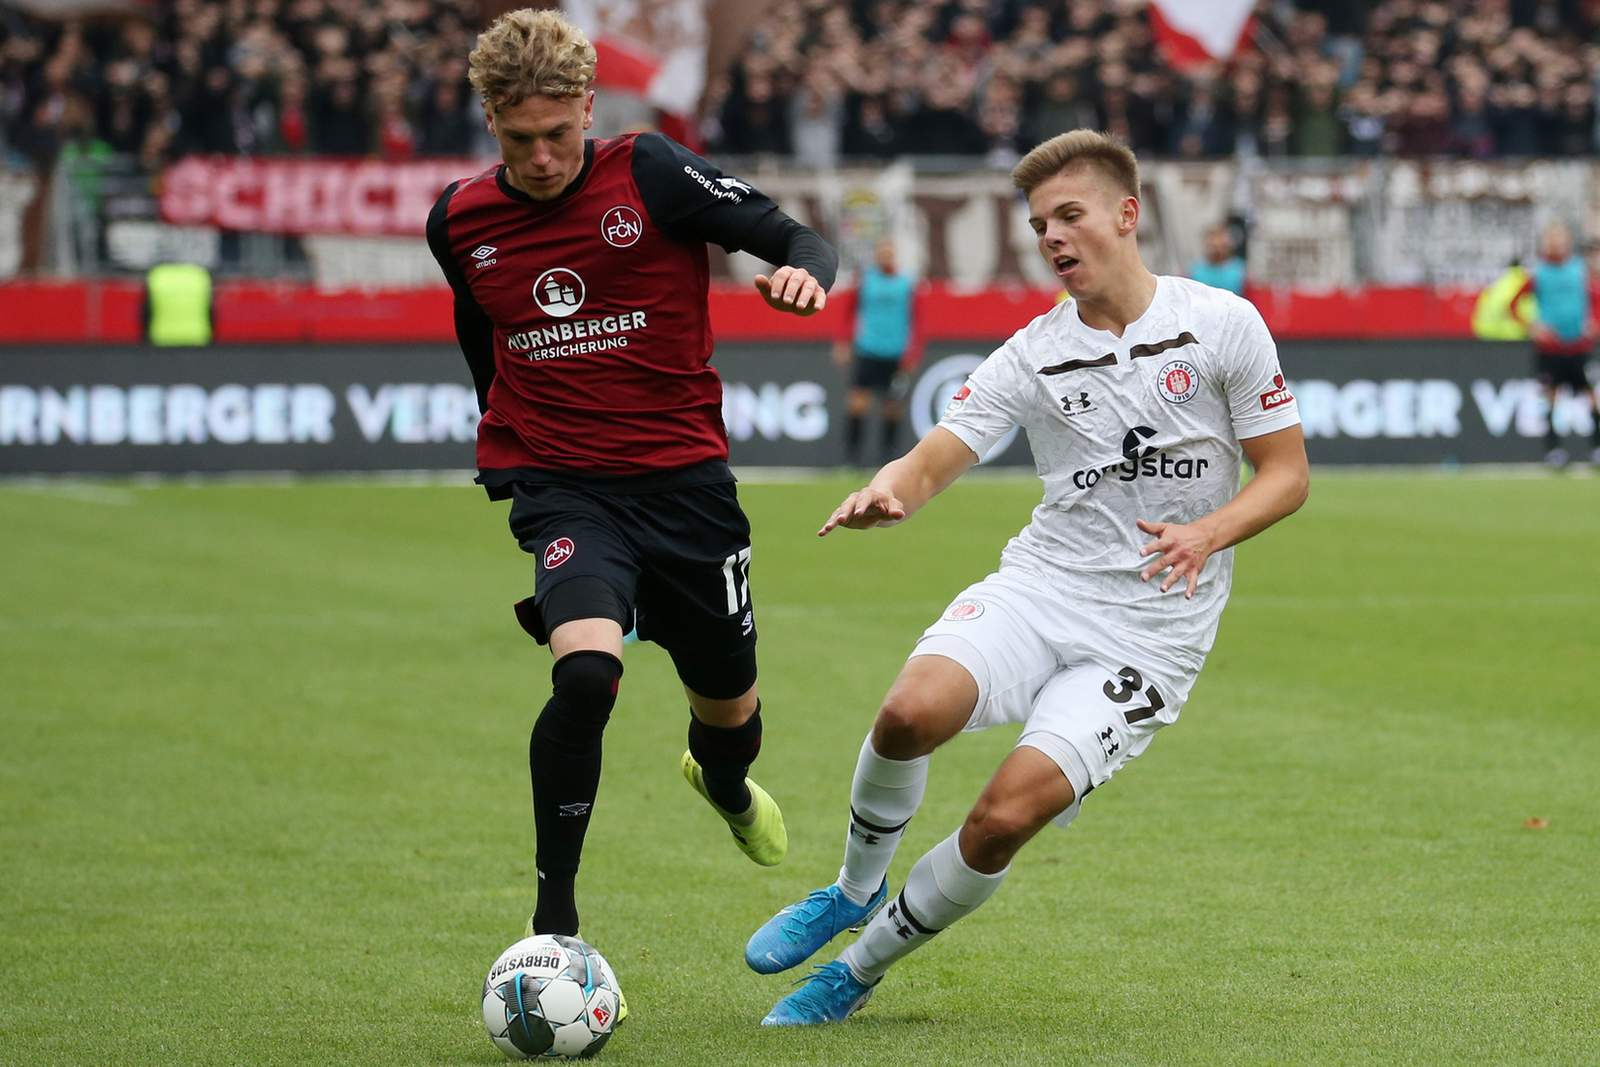 Robin Hack vom 1.FC Nürnberg gewinnt Zweikampf gegen Finn Ole Becker von St.Pauli